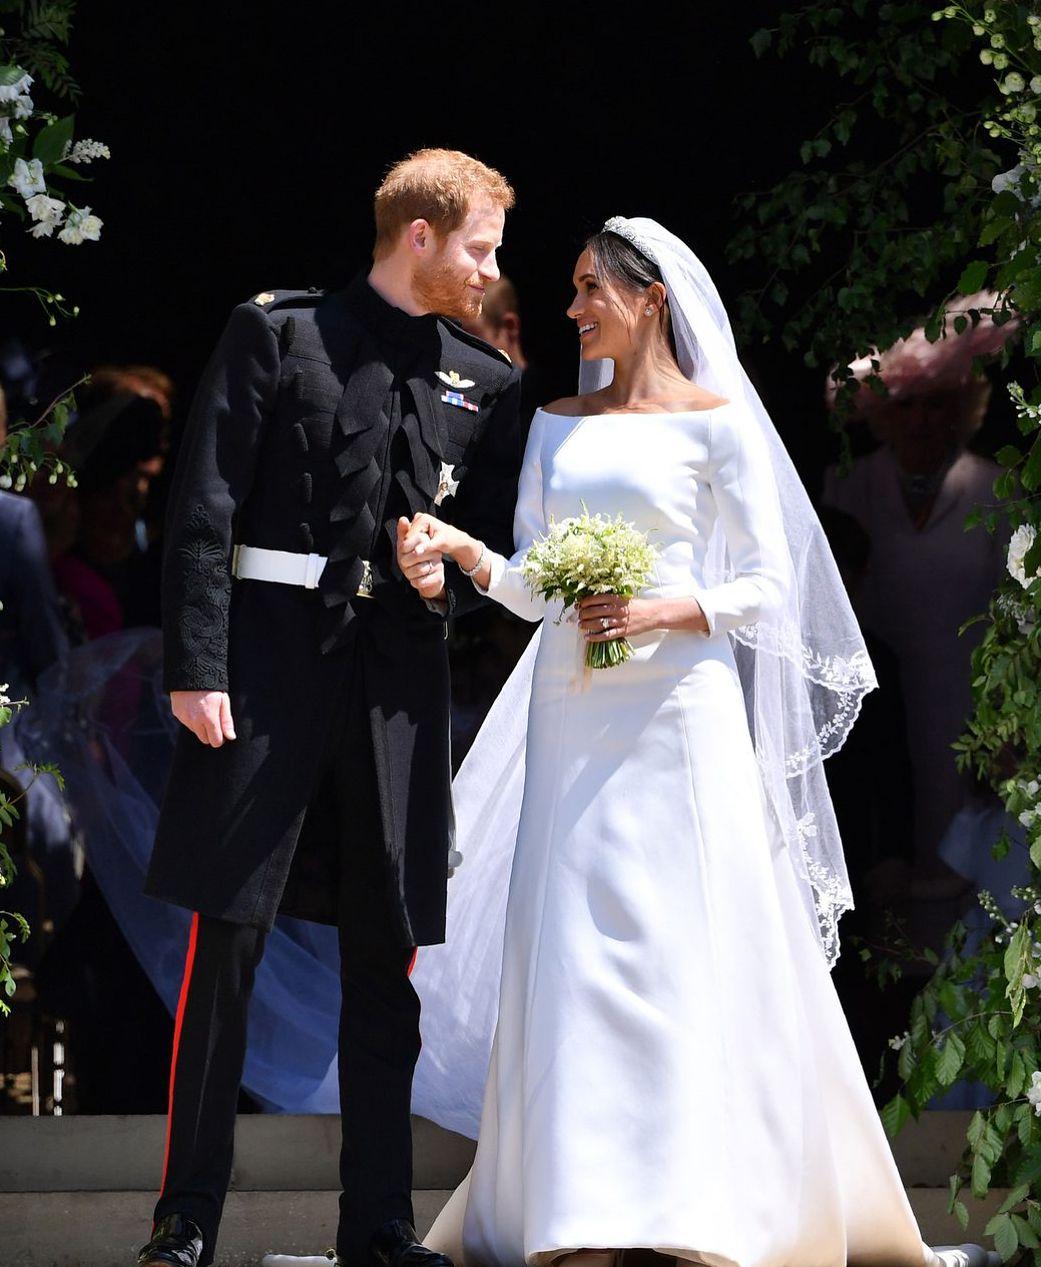 بررسی مراسم ازدواج پرنس هری و مگان از منظر ساختار شکنی و برند این خاندان